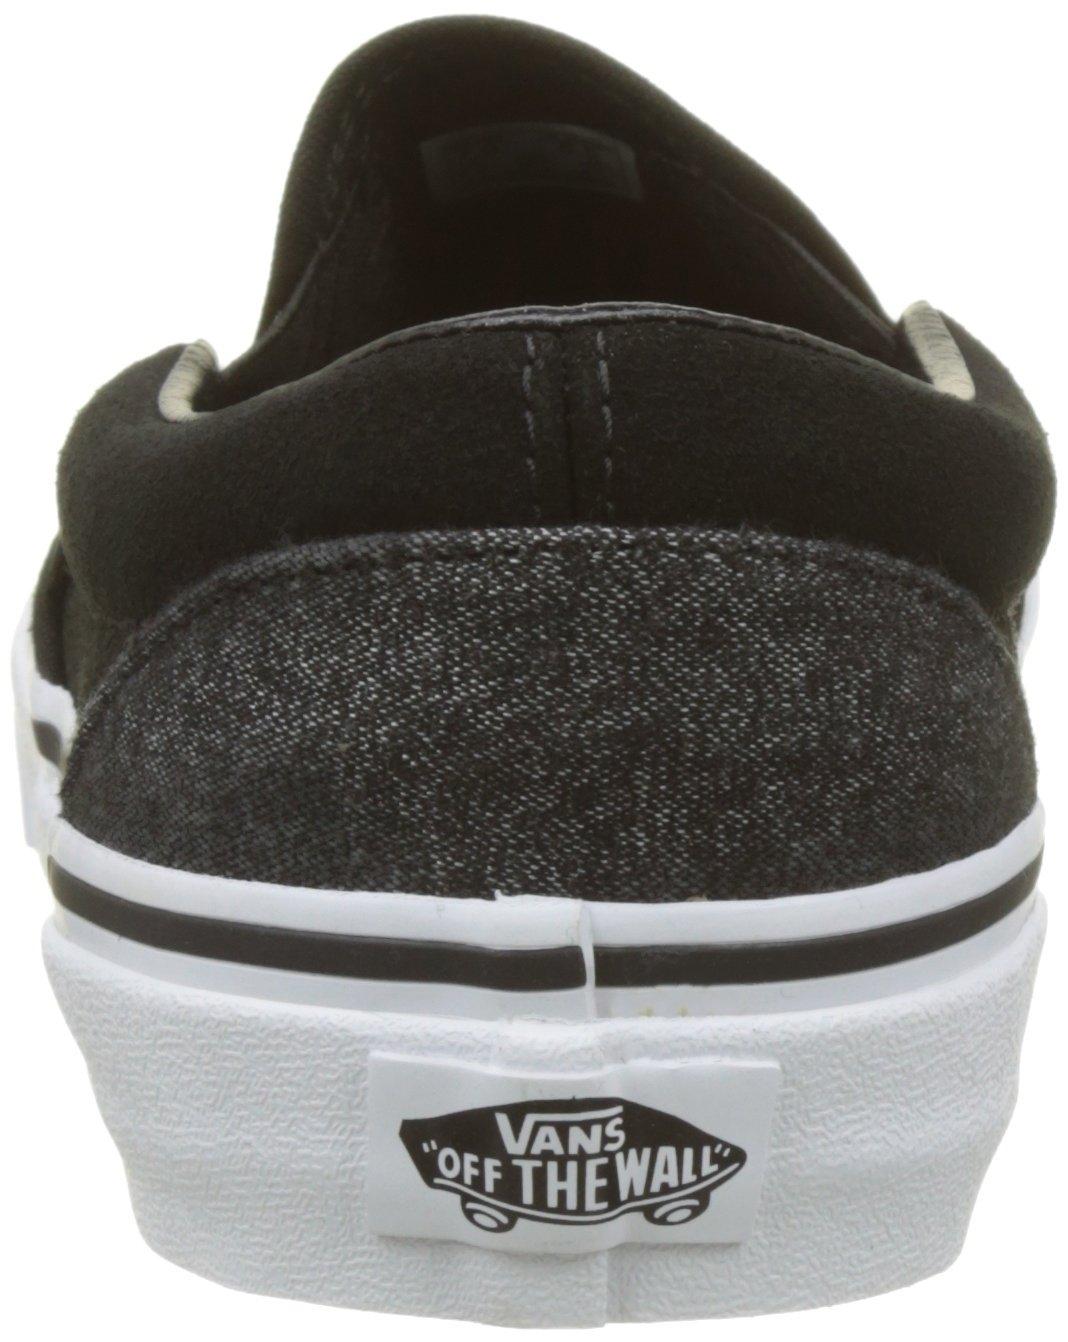 8010f2b33 Zapatillas de skate clásicas para hombre (Gamuza y aderezo) de Vans Negro  Negro